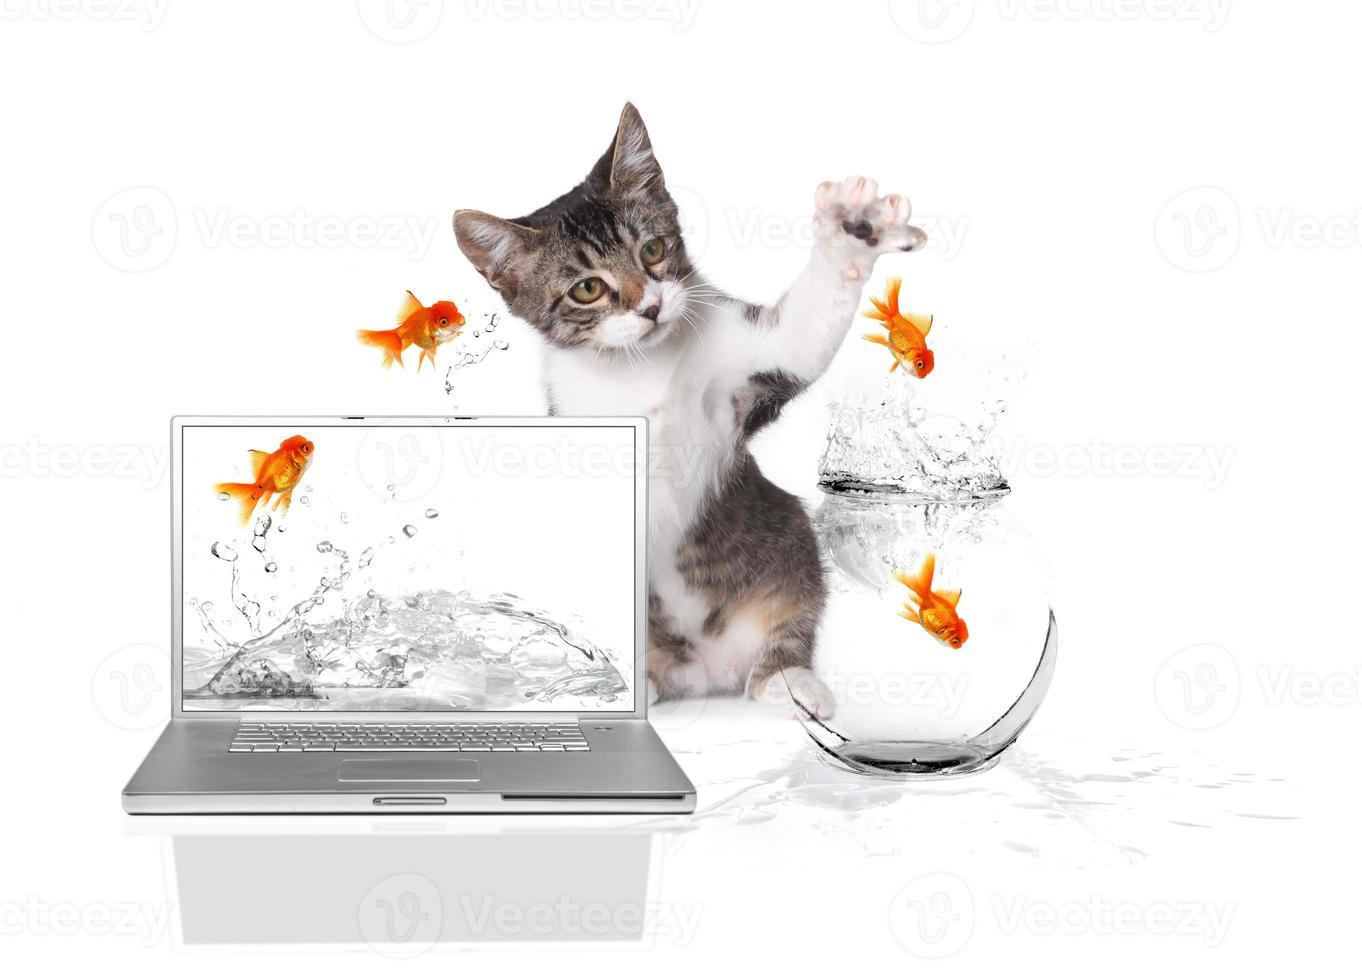 kattunge tassar på guldfiskar som hoppar ur vattnet foto